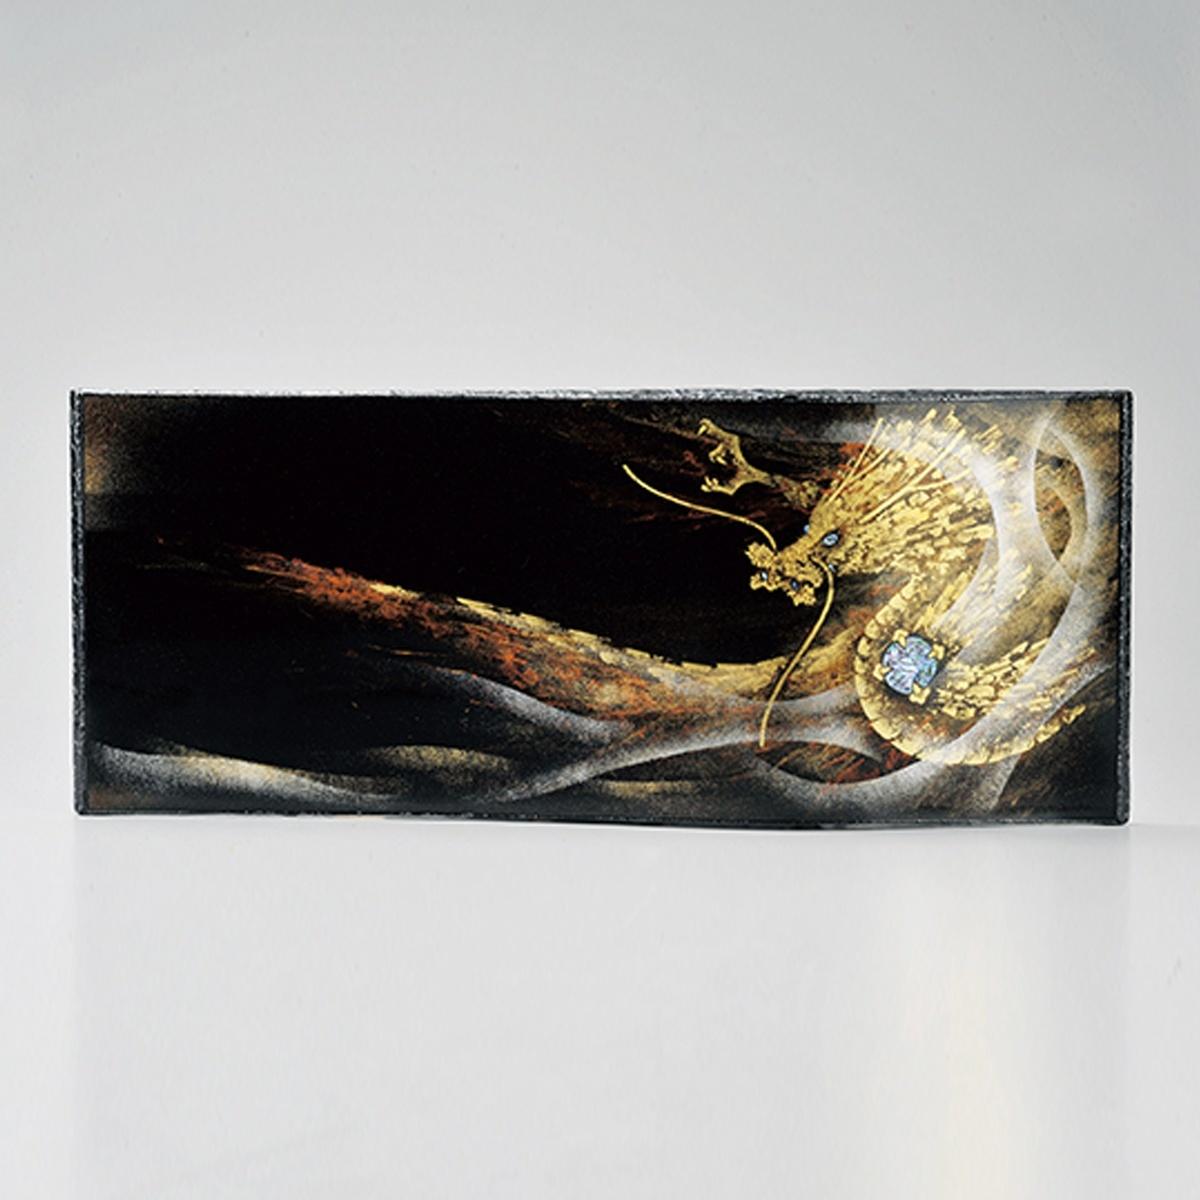 【ポイント 3倍中!更にクーポン】龍 パネル(黒)宮内庁御用達 パネル 日本製 来客 艶 上品 記念品 漆器 高級 おすすめ おもてなし ギフト 海外 ノベルティ インテリア 壁掛け 置物 法人ギフト 設立記念